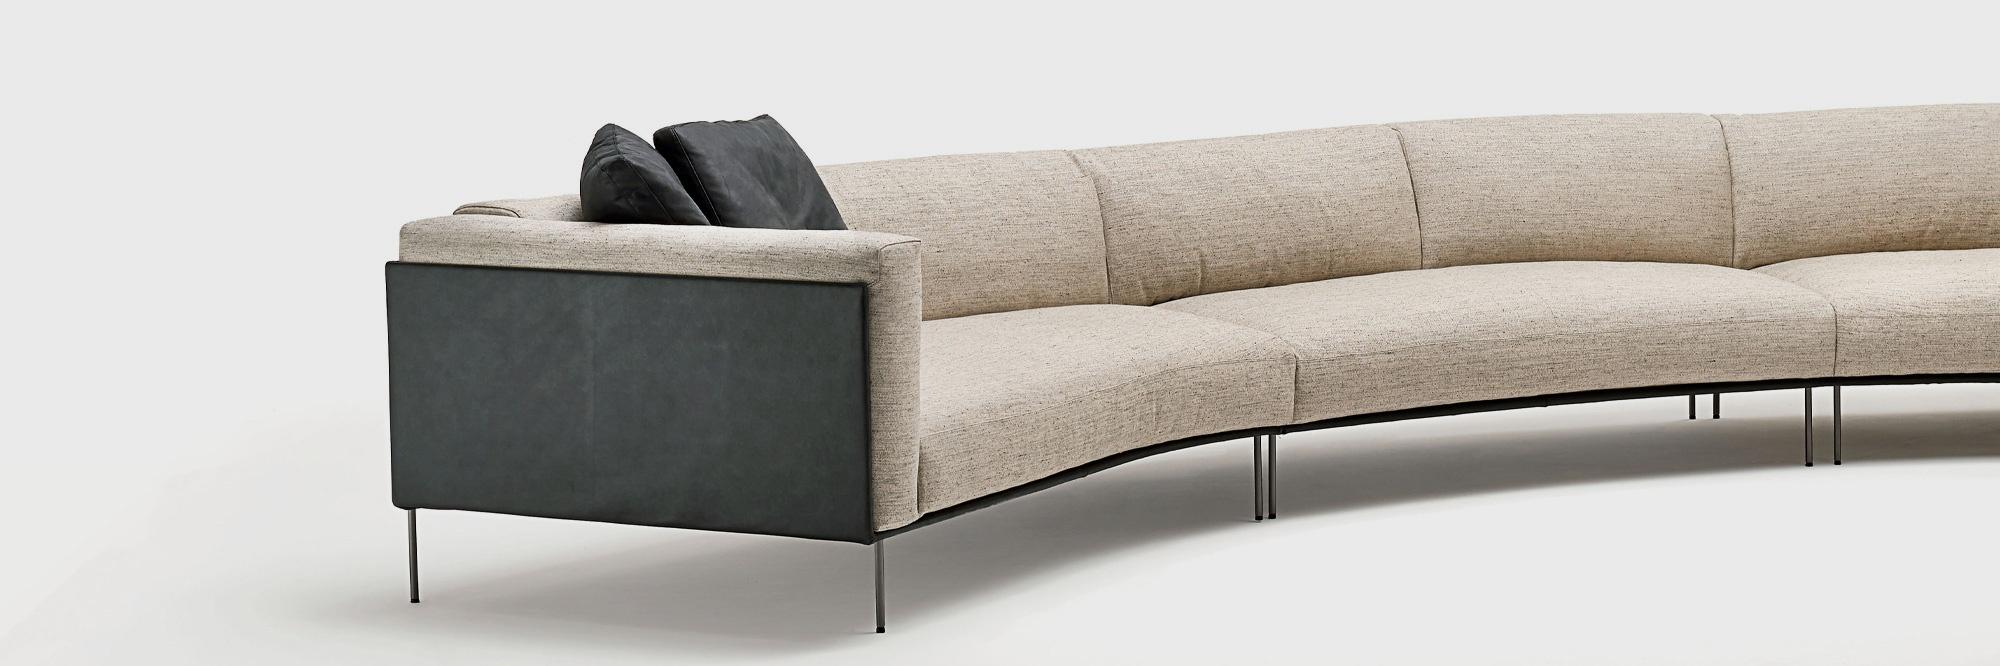 Colombo Divani A Meda lissoni & partners   product   living divani   metro2   sofa